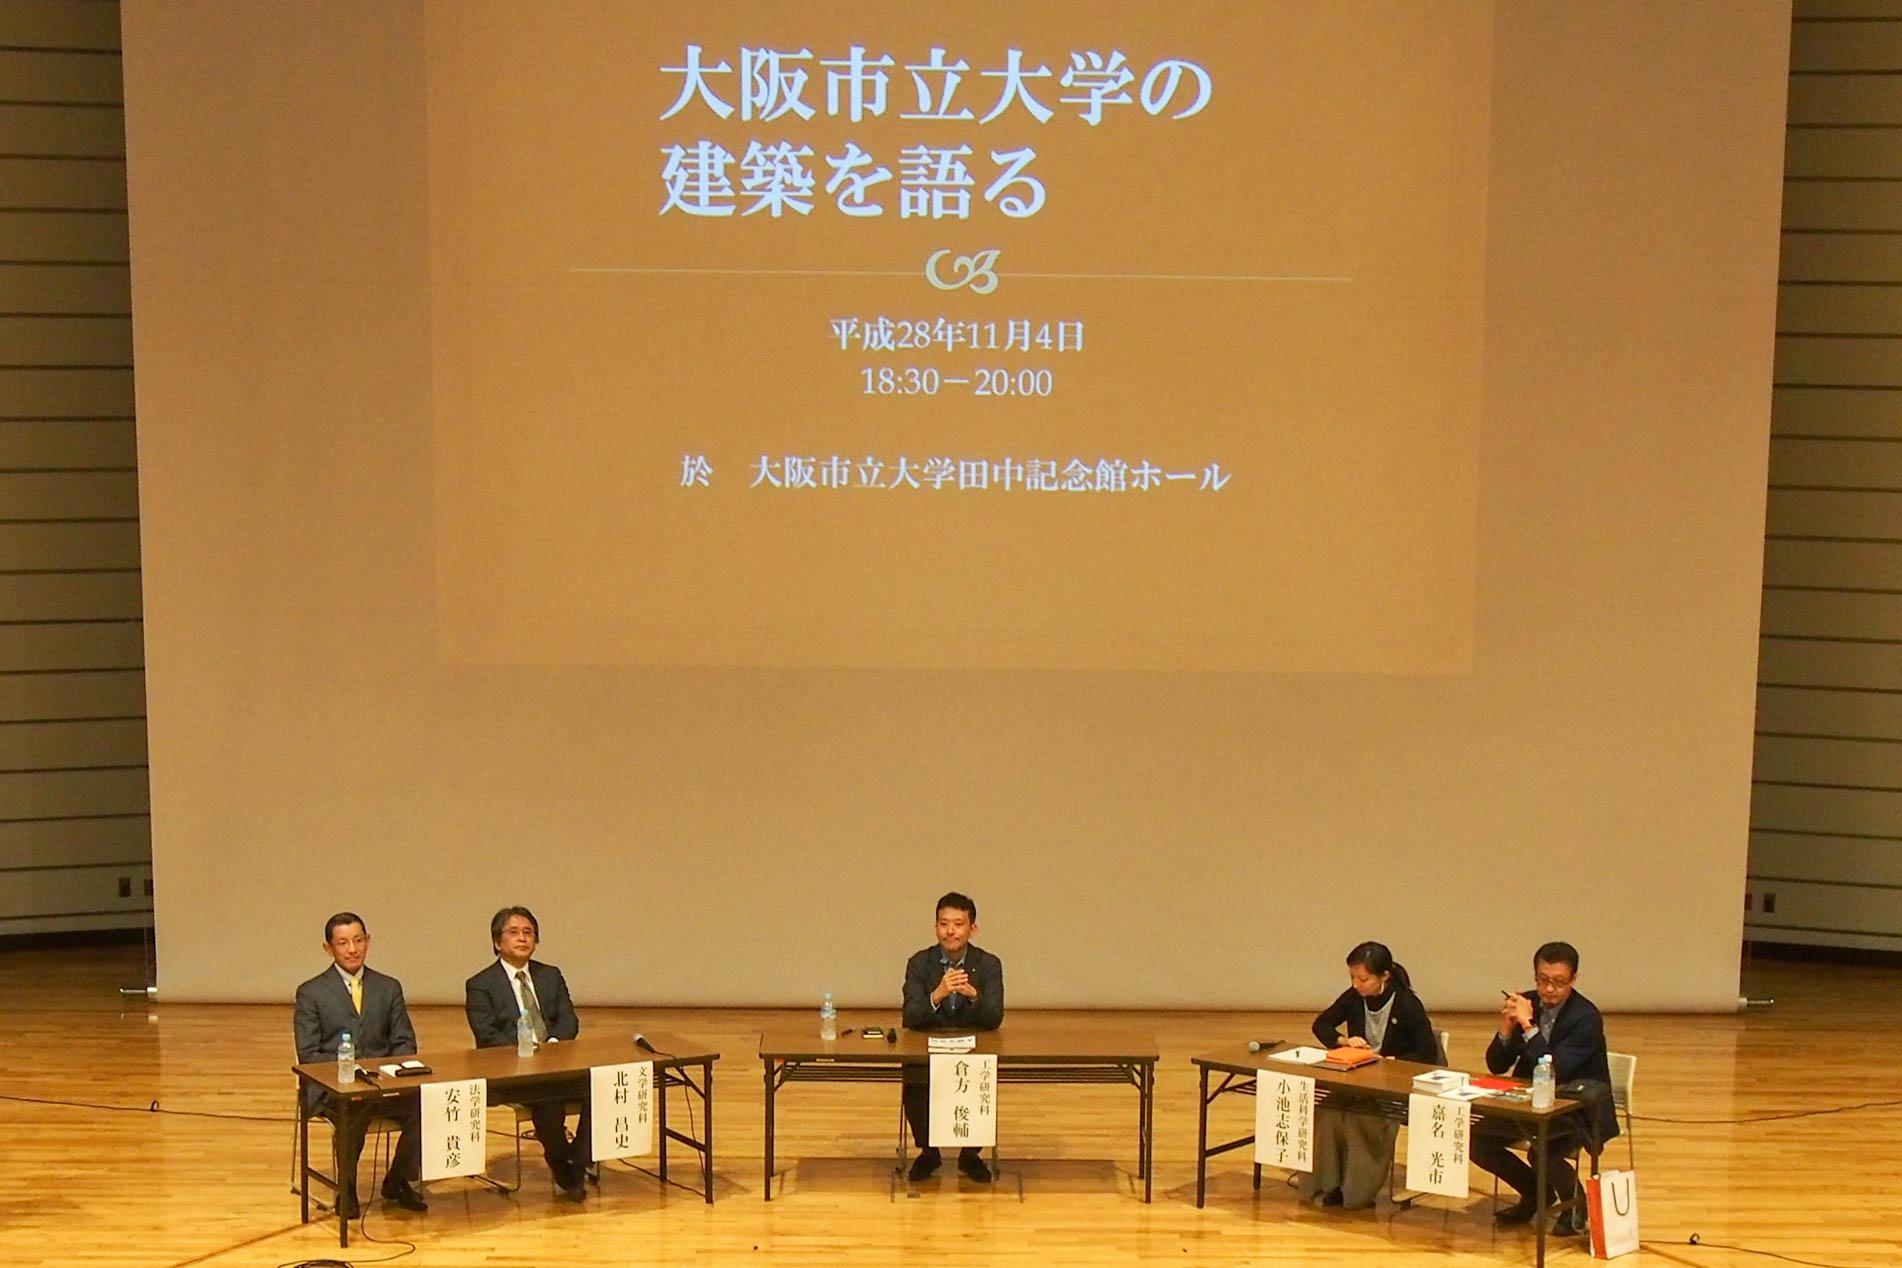 大阪市立大学の建築を語る